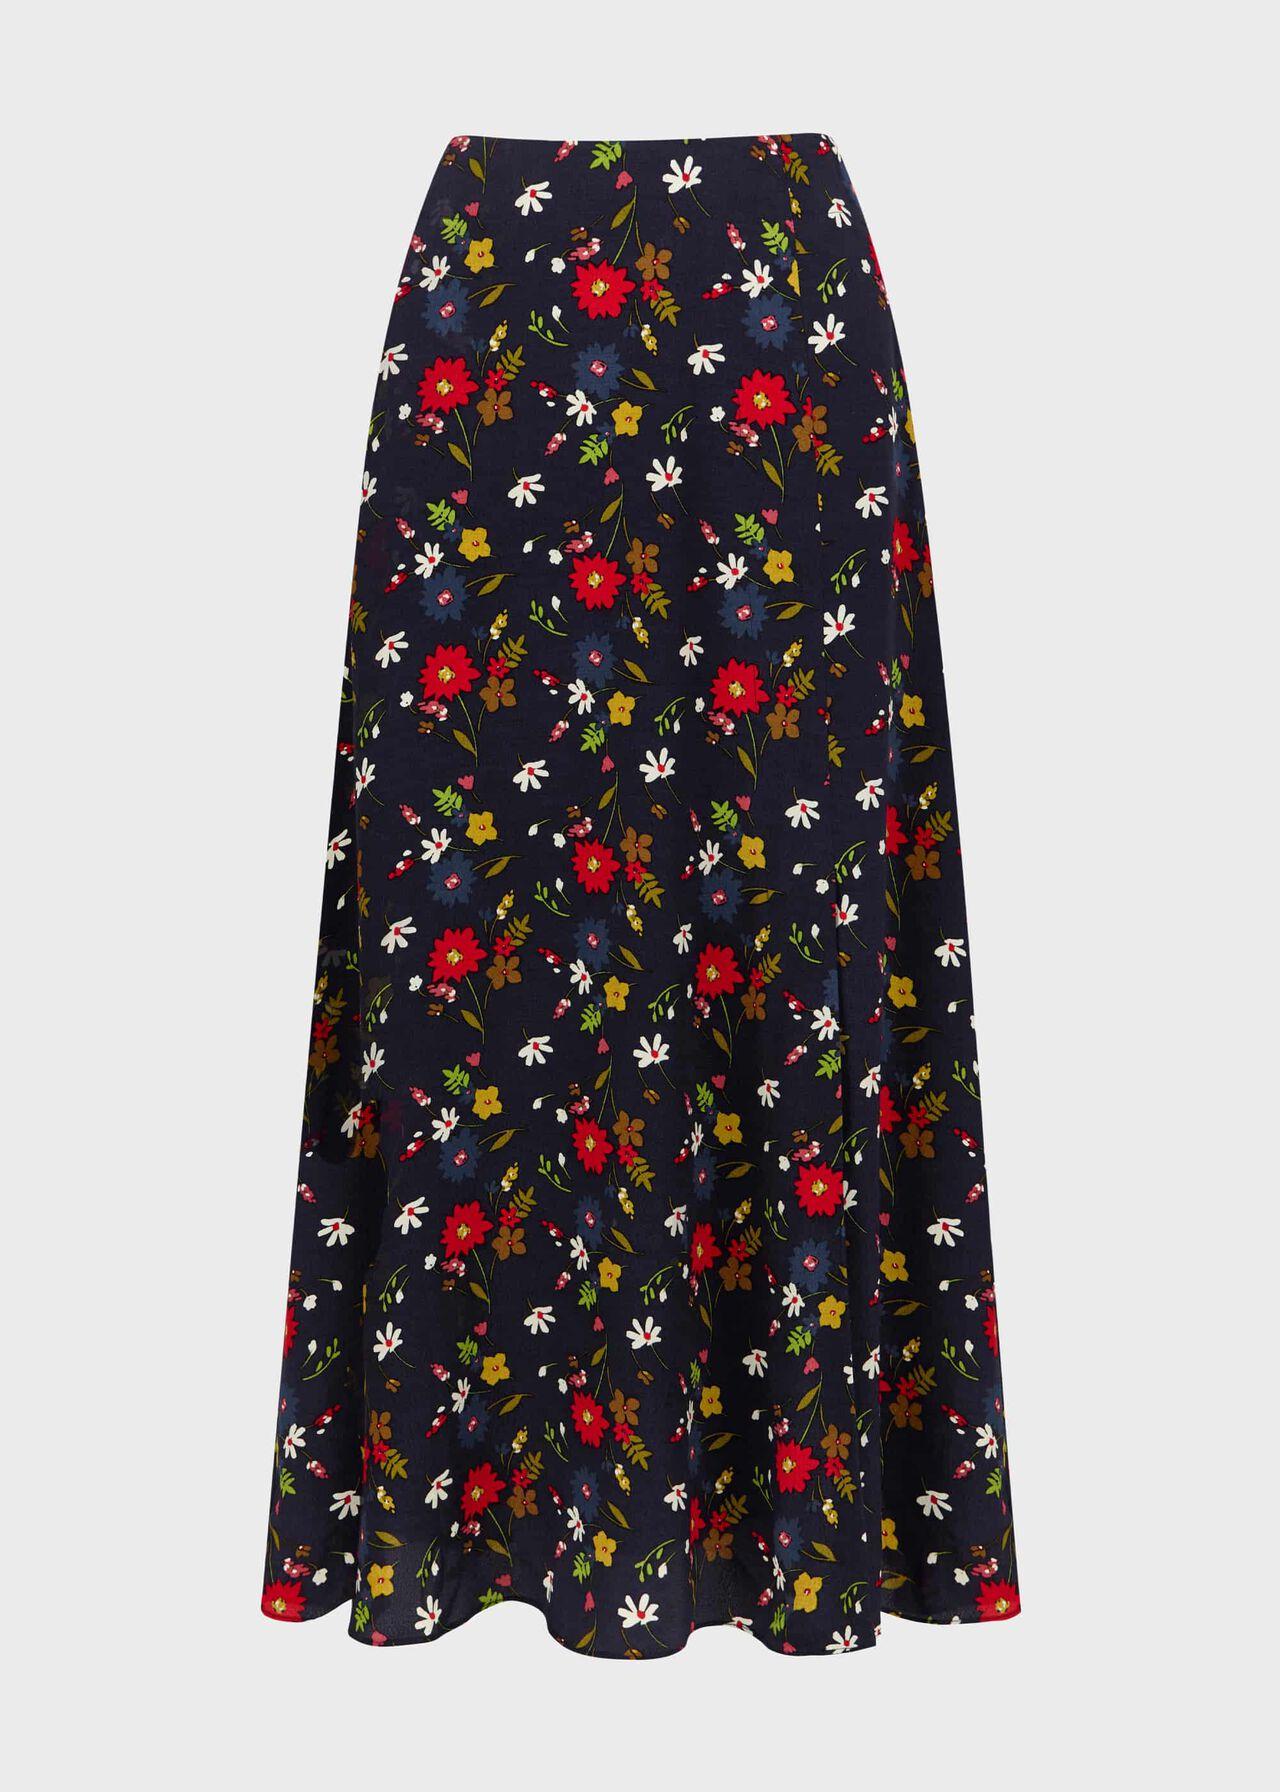 Annette Floral Midi Skirt Midnight Multi